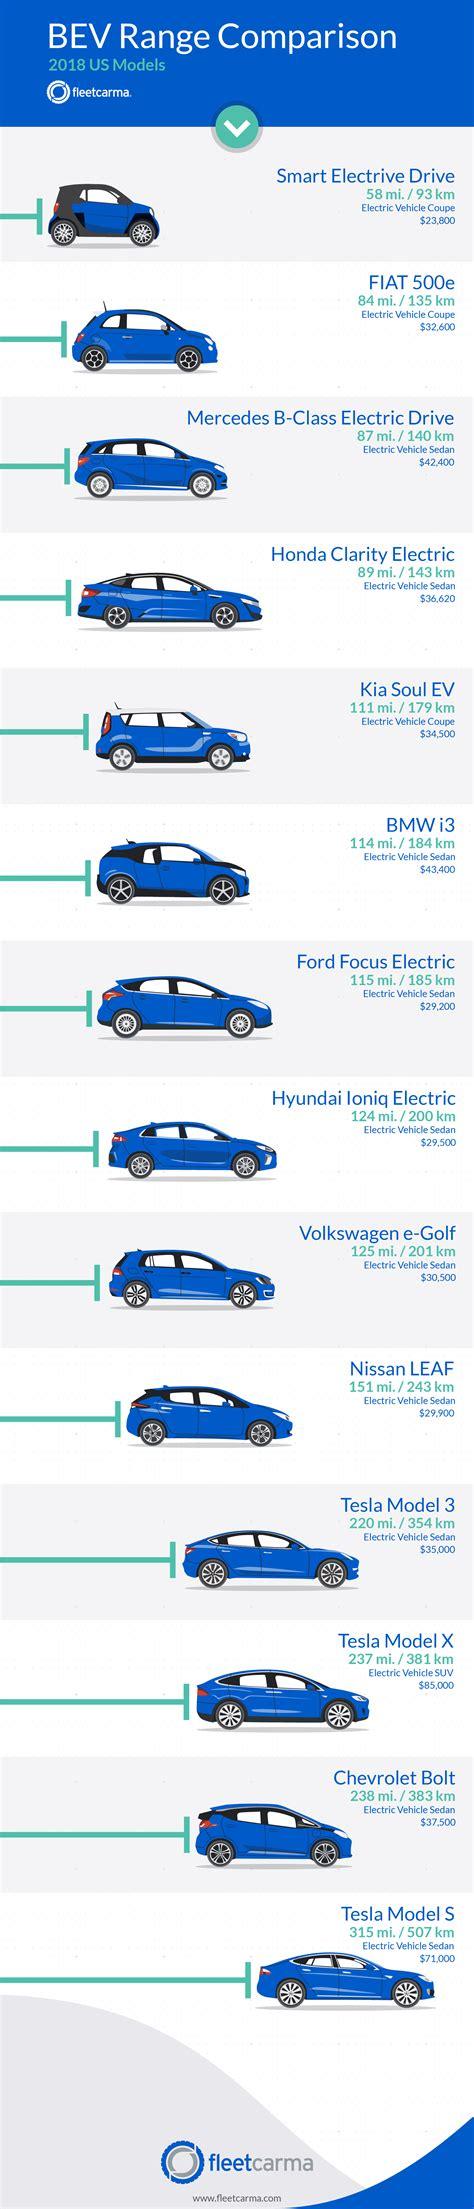 Car Comparison by 2018 Electric Vehicle Range Comparison